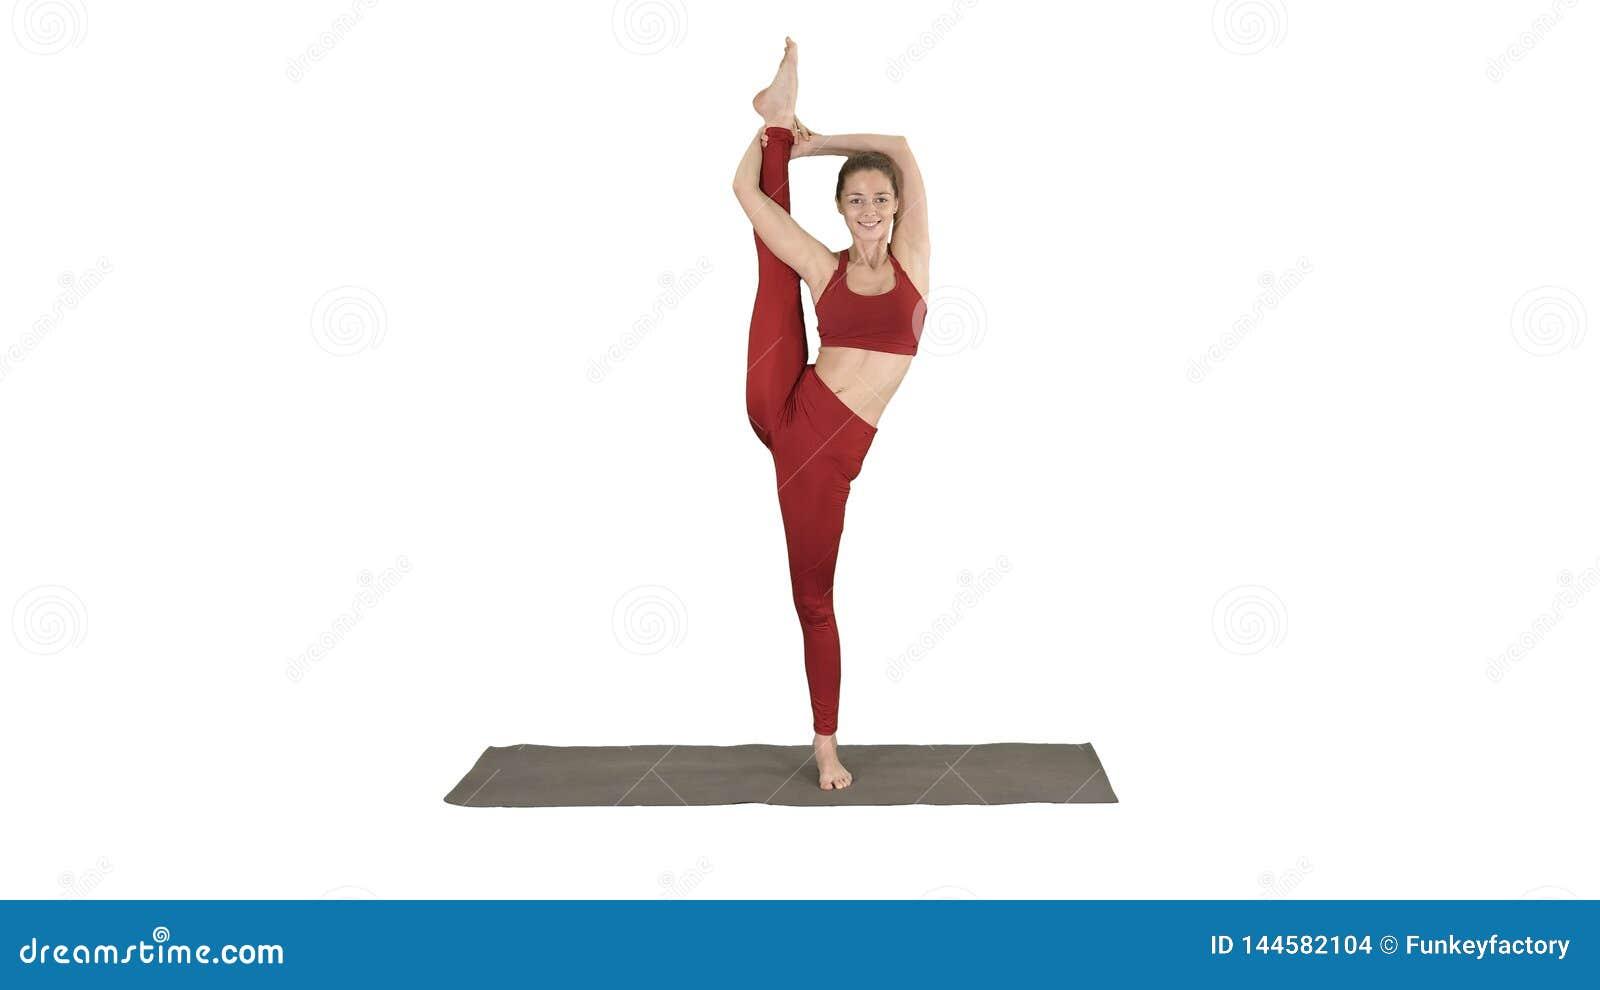 Female Yoga Model Making Standing Split Smiling on white background.